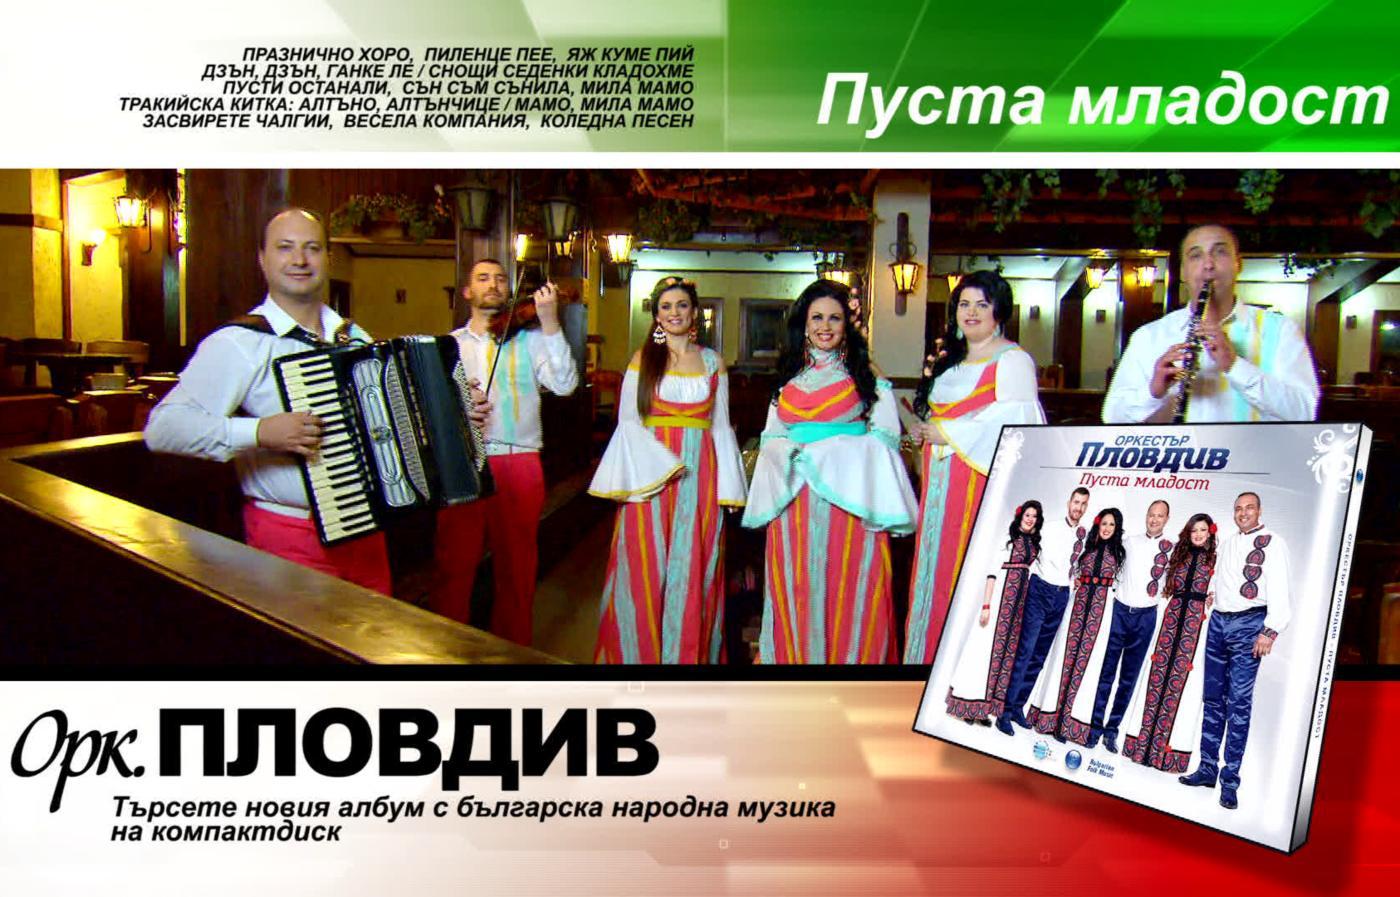 """Албумът """"Пуста младост"""" на оркестър """"Пловдив"""" вече е факт"""